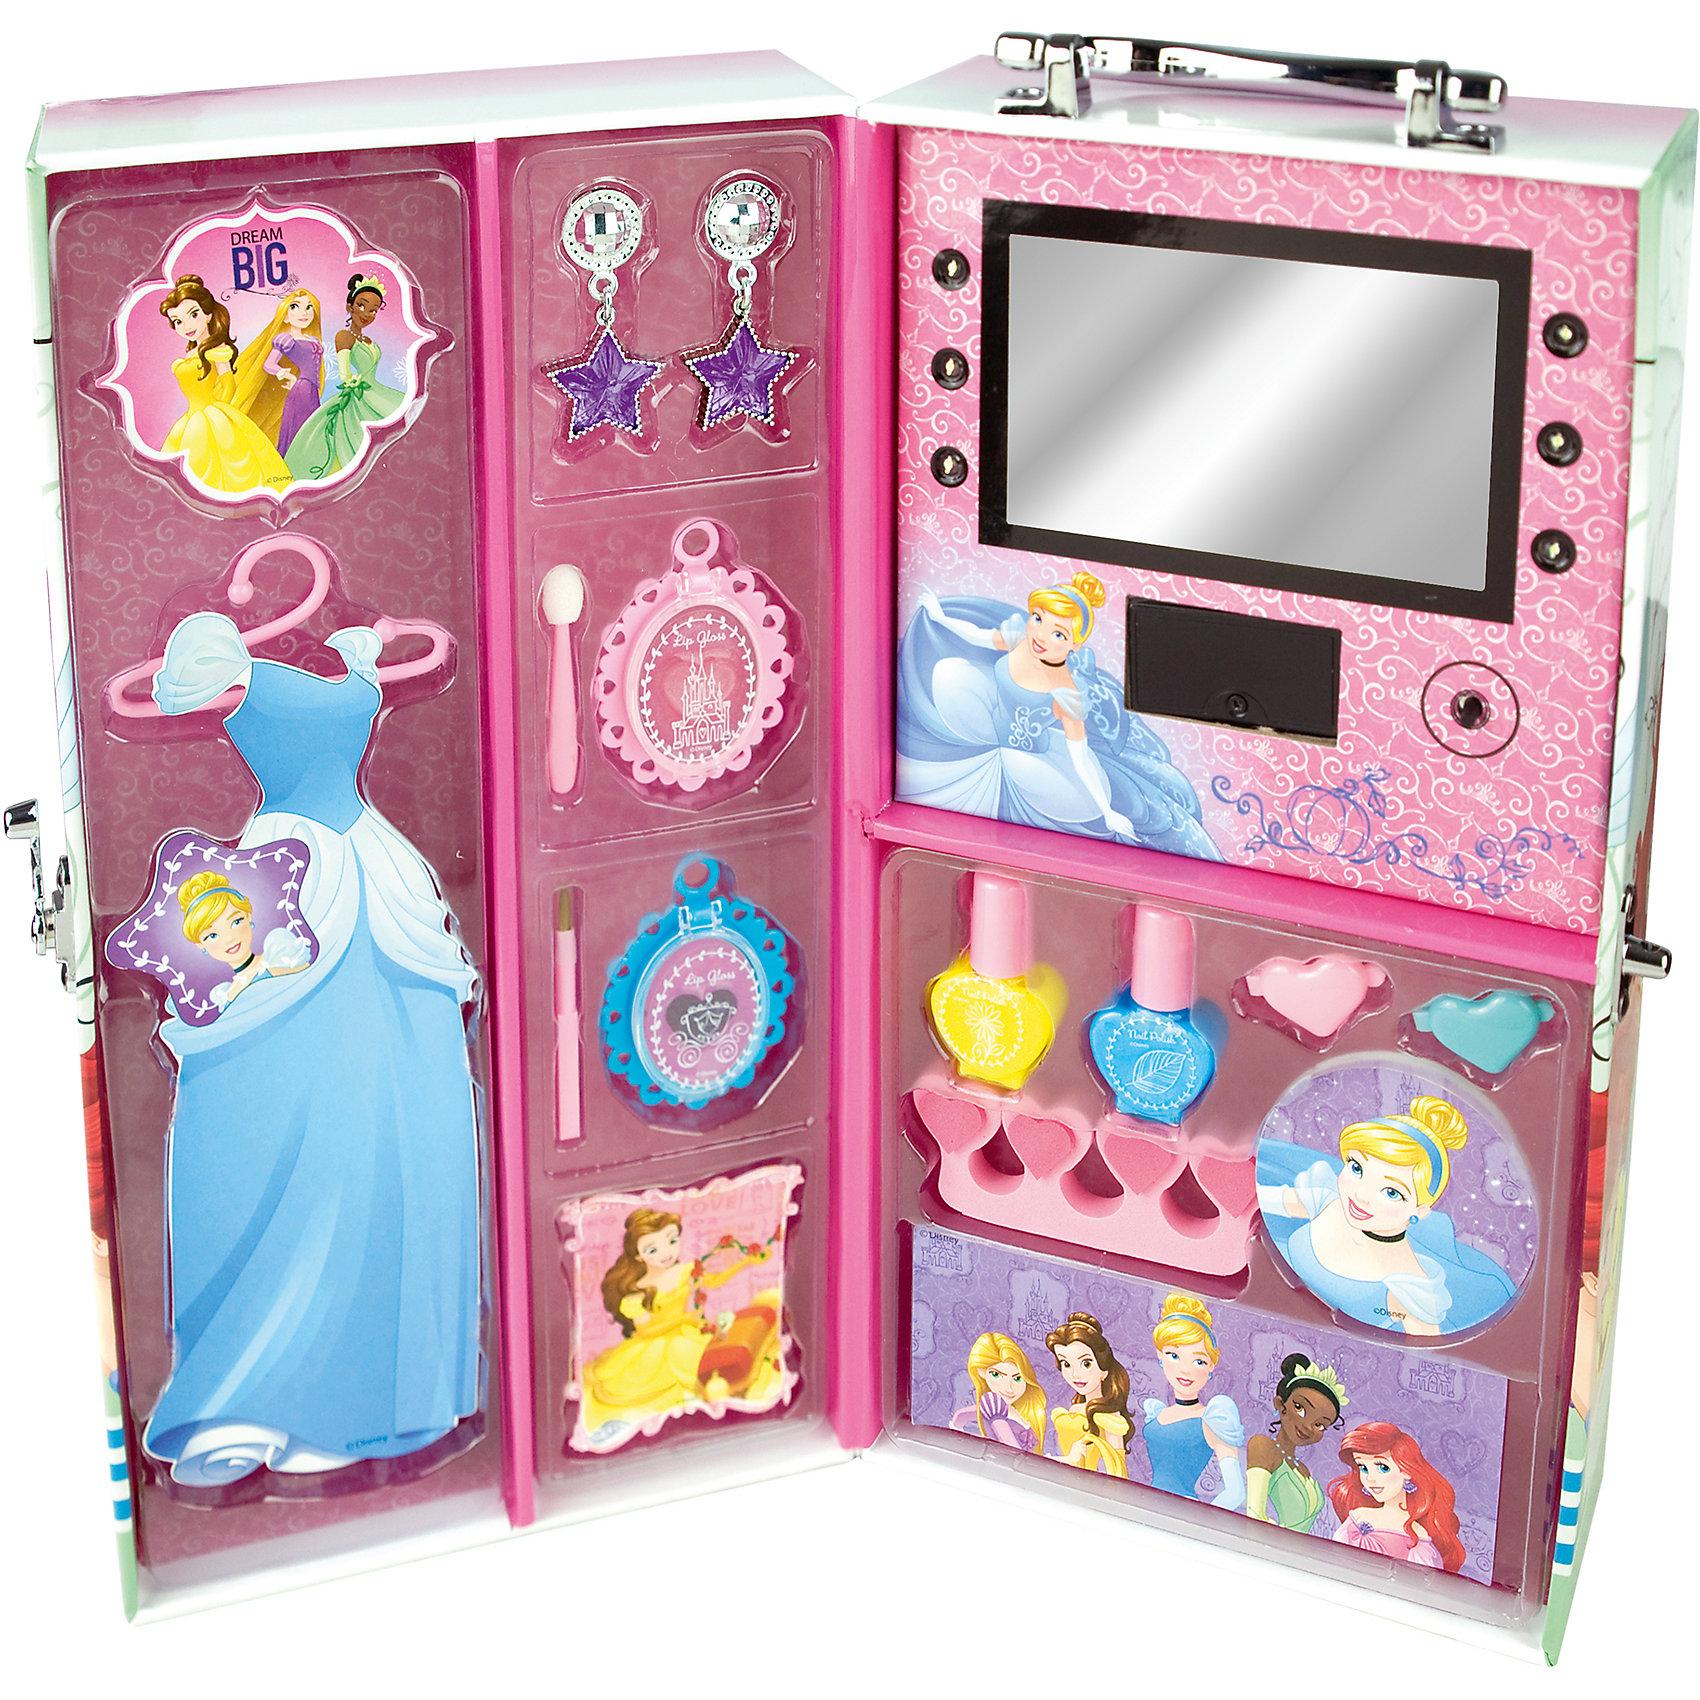 Игровой набор детской косметики Принцессы Диснея в чемодане (подсветка)Косметика, грим и парфюмерия<br>Характеристики:<br><br>• Наименование: детская декоративная косметика<br>• Предназначение: для сюжетно-ролевых игр<br>• Серия: Принцессы Диснея<br>• Пол: для девочки<br>• Материал: натуральные косметические компоненты, пластик, картон<br>• Цвет: в ассортименте<br>• Комплектация: 2 оттенков блеска для губ в виде подвесок, 2 лака для ногтей, аппликатор, кисть, разделитель для пальцев, пилочка, серьги, 2 заколки для волос, вешалка для платья куклы, наклейки (которыми девочка на свое усмотрение сможет украсить чемодан), зеркало с подсветкой внутри чемодана<br>• Батарейки: 2 шт. CR2032 (предусмотрены в комплекте)<br>• Размеры (Д*Ш*В): 30*13*16 см<br>• Вес: 785 г <br>• Упаковка: чемоданчик с ручкой<br><br>Игровой набор детской декоративной косметики в чемодане с подсветкой, Принцессы Дисней – это набор игровой детской косметики от Markwins, которая вот уже несколько десятилетий специализируется на выпуске детской косметики. Рецептура декоративной детской косметики разработана совместно с косметологами и медиками, в основе рецептуры – водная основа, а потому она гипоаллергенны, не вызывает раздражений на детской коже и легко смывается, не оставляя следа. Безопасность продукции подтверждена международными сертификатами качества и безопасности. <br>Игровой набор детской декоративной косметики состоит из всех необходимых средств и атрибутов для создания модного макияжа и маникюра в удобной и компактной упаковке-чемодане с зеркалом, оснащенным подсветкой. Кроме того, набор включает в себя инструменты для маникюра и макияжа, а также бижутерию для создания единого образа. Косметические средства, входящие в состав набора, имеют длительный срок хранения – 12 месяцев. Набор выполнен в брендовом дизайне популярной серии Принцессы Диснея. Игровой набор детской декоративной косметики от Markwins может стать незаменимым праздничным подарком для любой маленькой модницы!<br><br>Игровой 